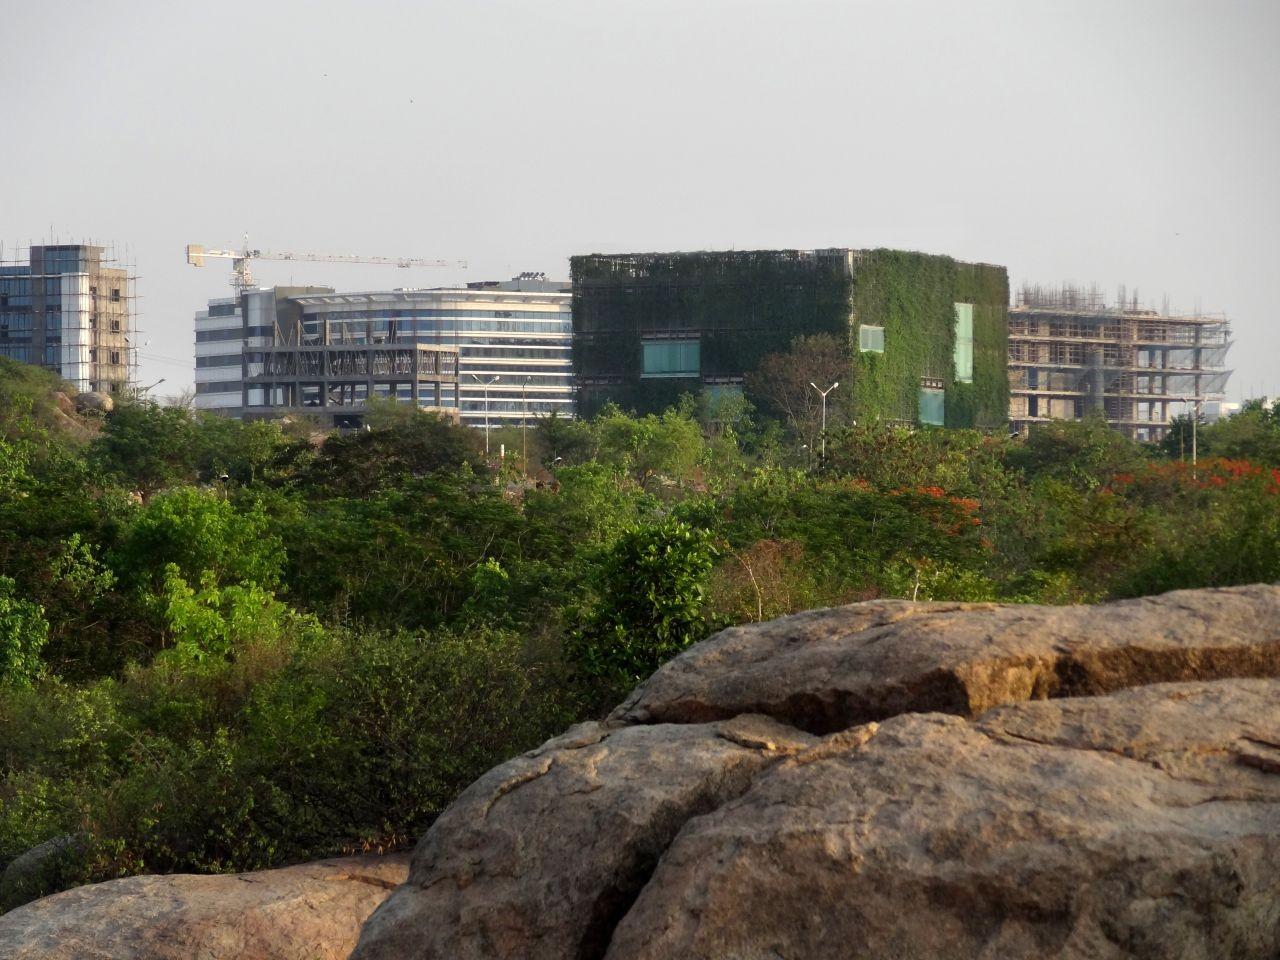 Oficinas Corporativas KMC / RMA Architects